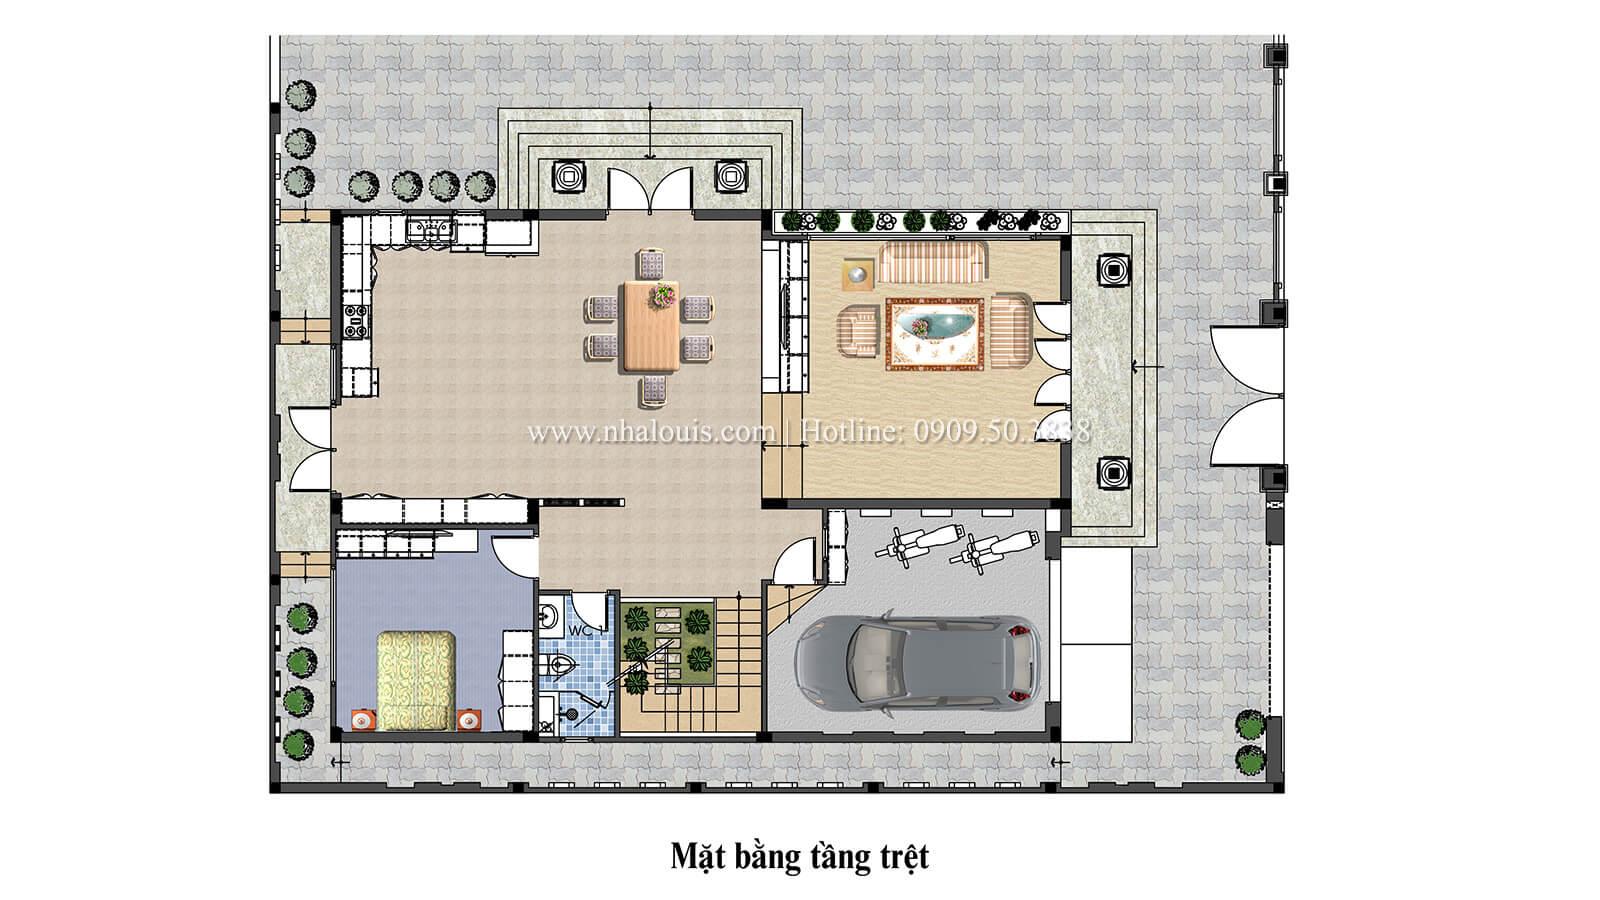 Biệt thự 1 trệt 1 lầu hiện đại và đẳng cấp tại Long Thành - 04